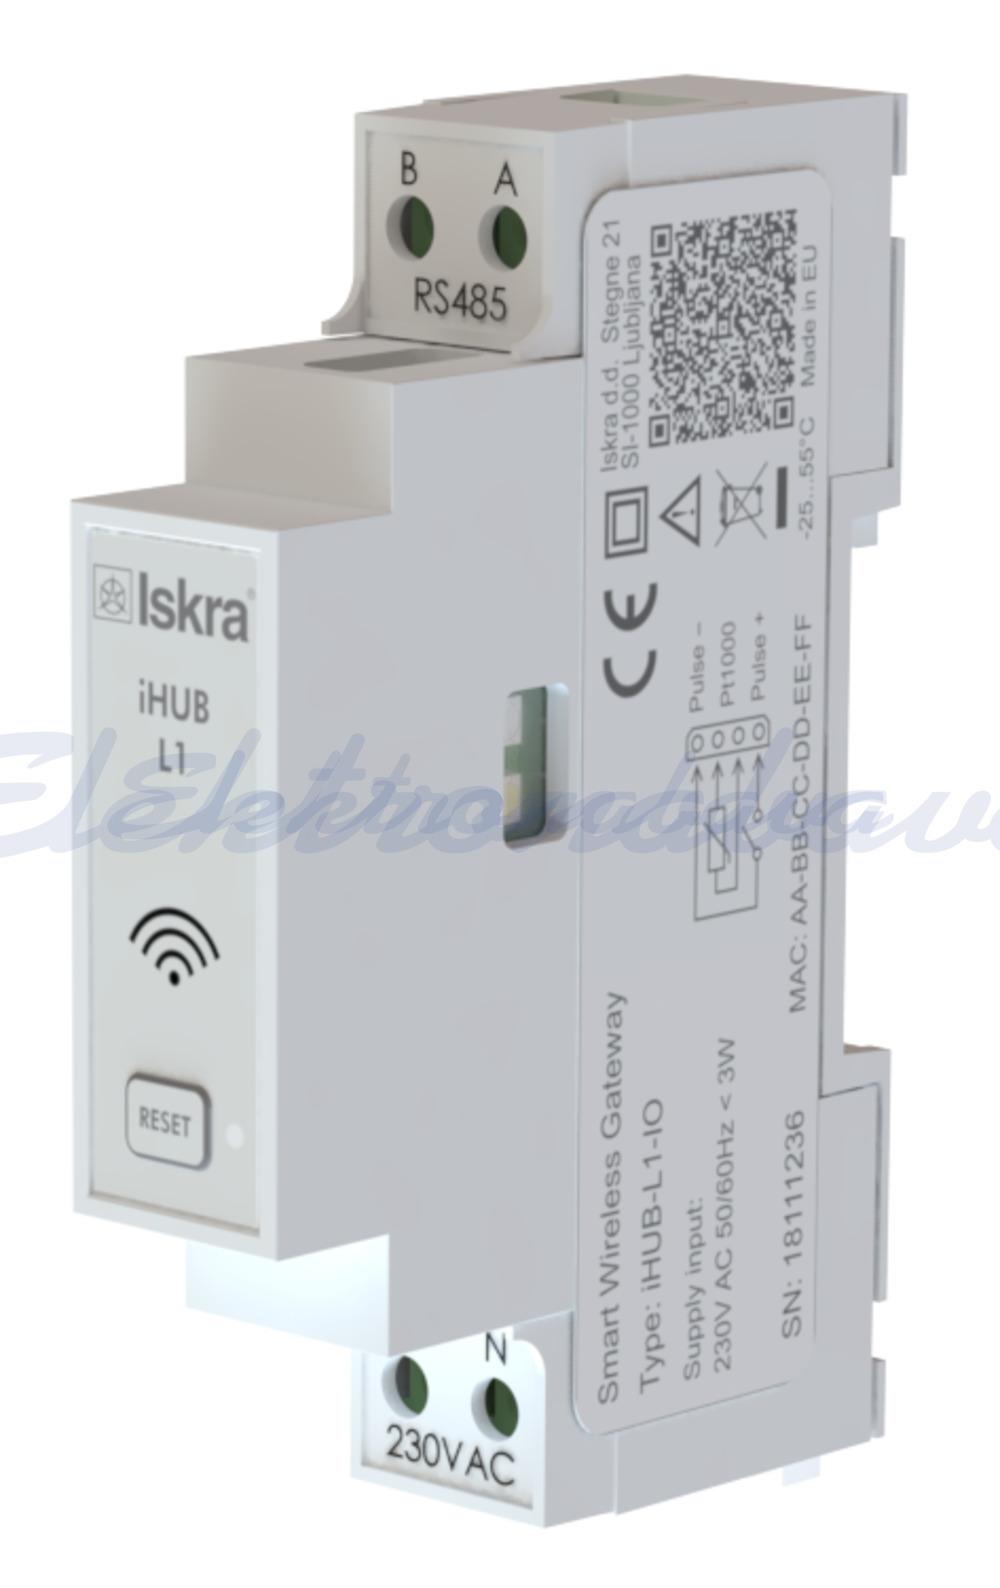 Slika izdelkaPribor za nadzorni sistem ISKRA WI-FI vmesnik, IR, RS485